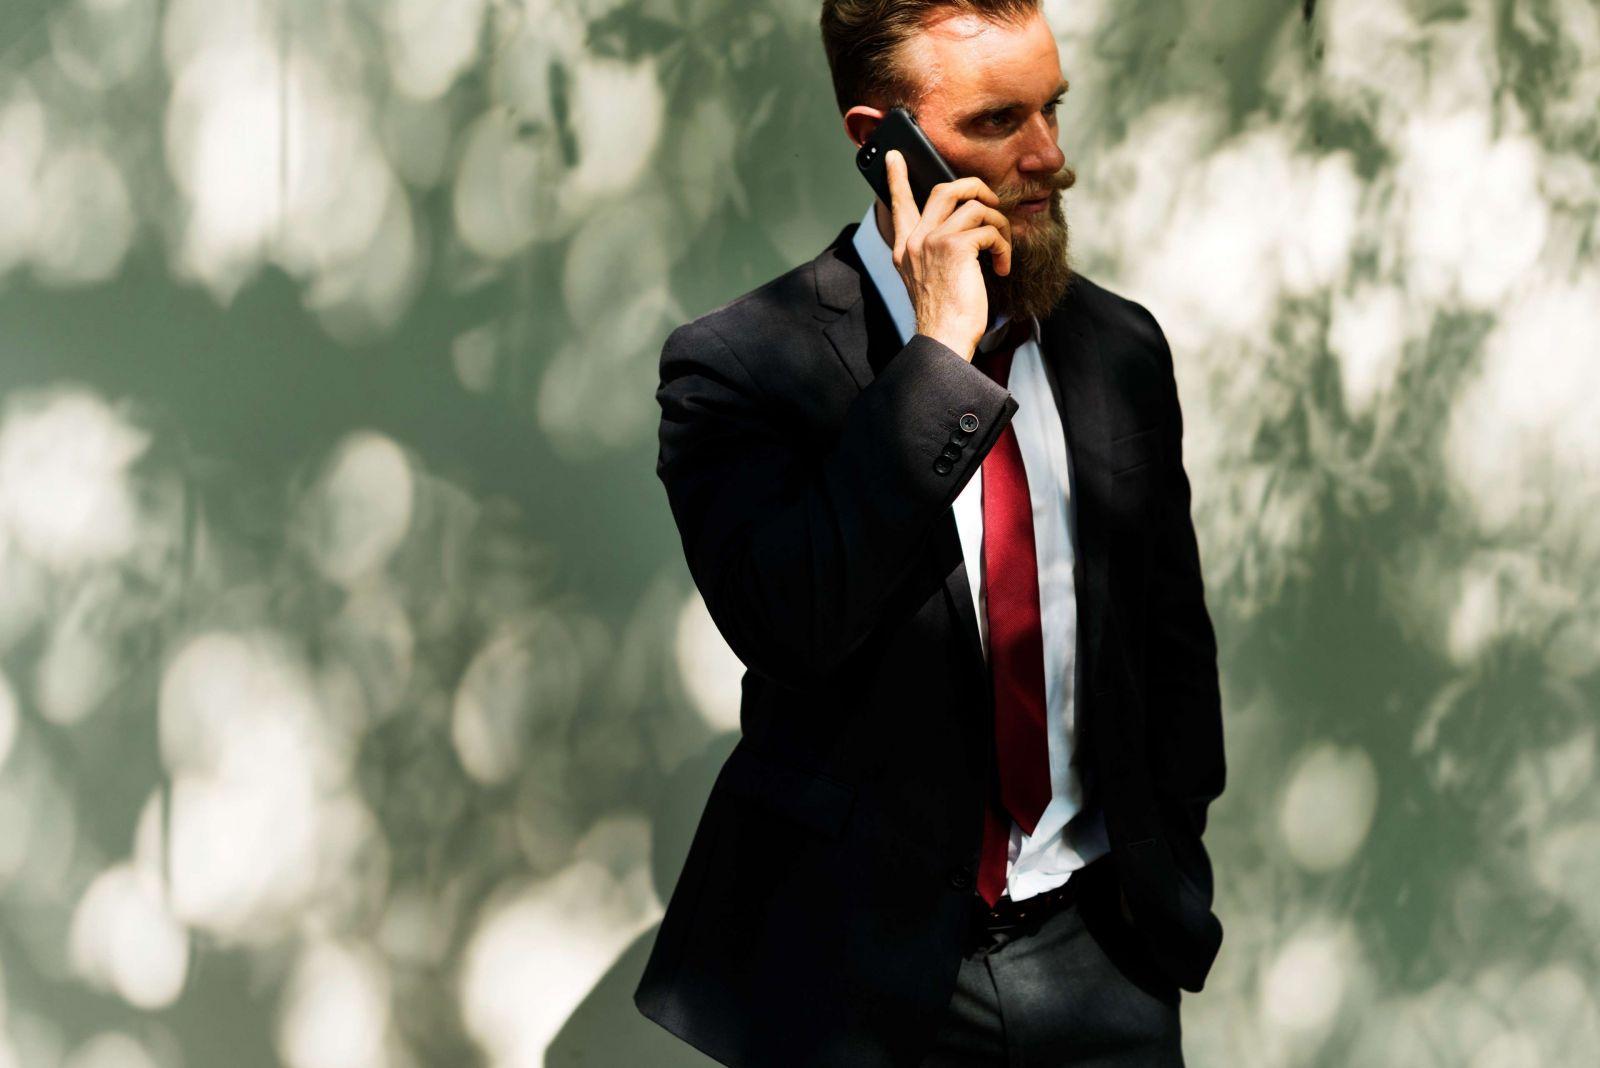 Cinq traits essentiels pour la réussite entrepreneuriale